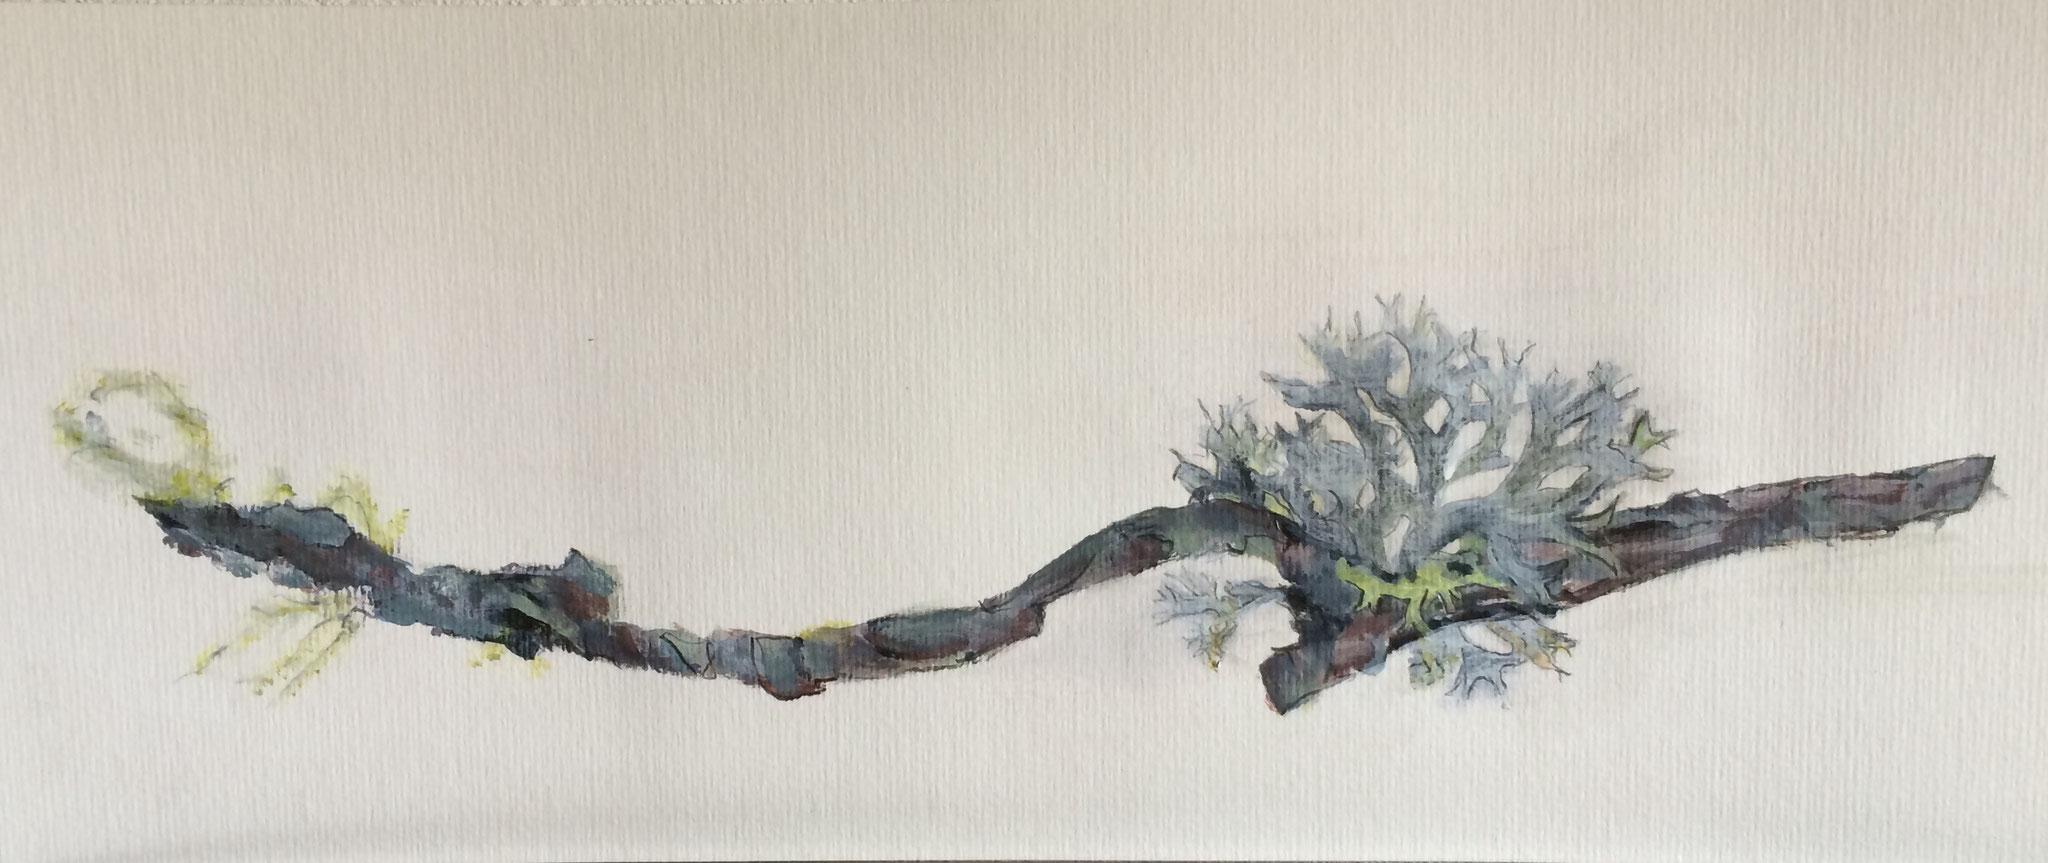 Waldkoralle, 50cm x 20cm, Acryl auf Papier, 2016, verkauft